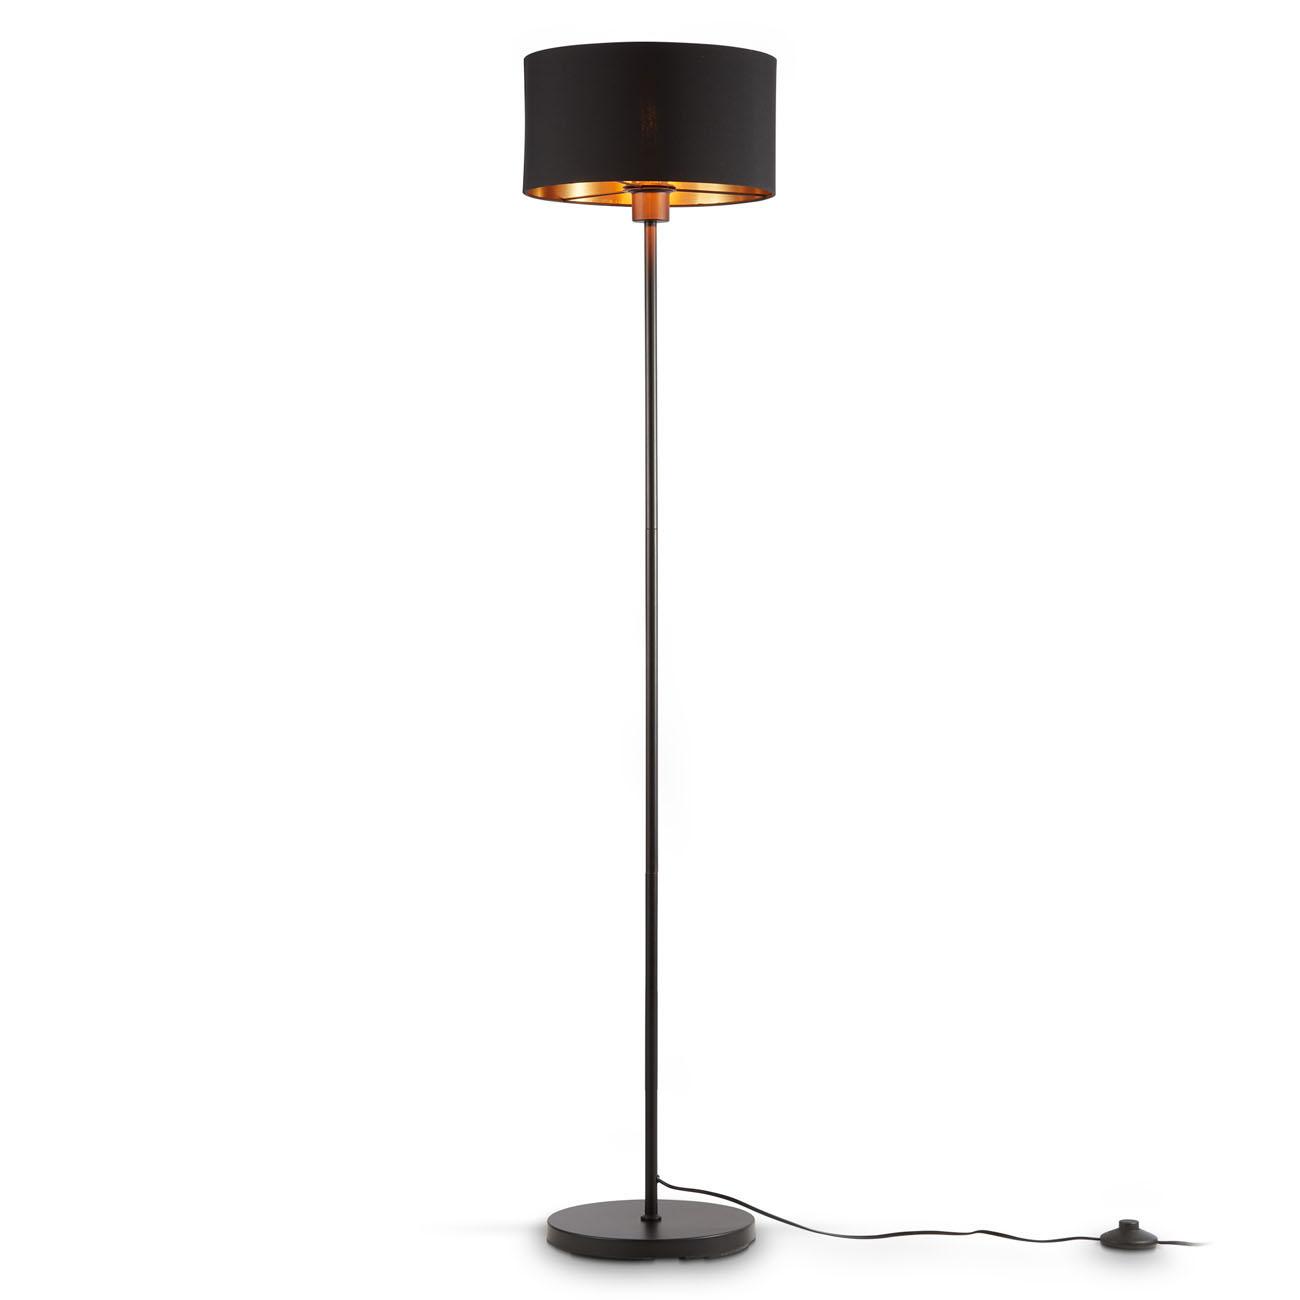 Stehlampe mit schwarz-goldenem Stoffschirm E27